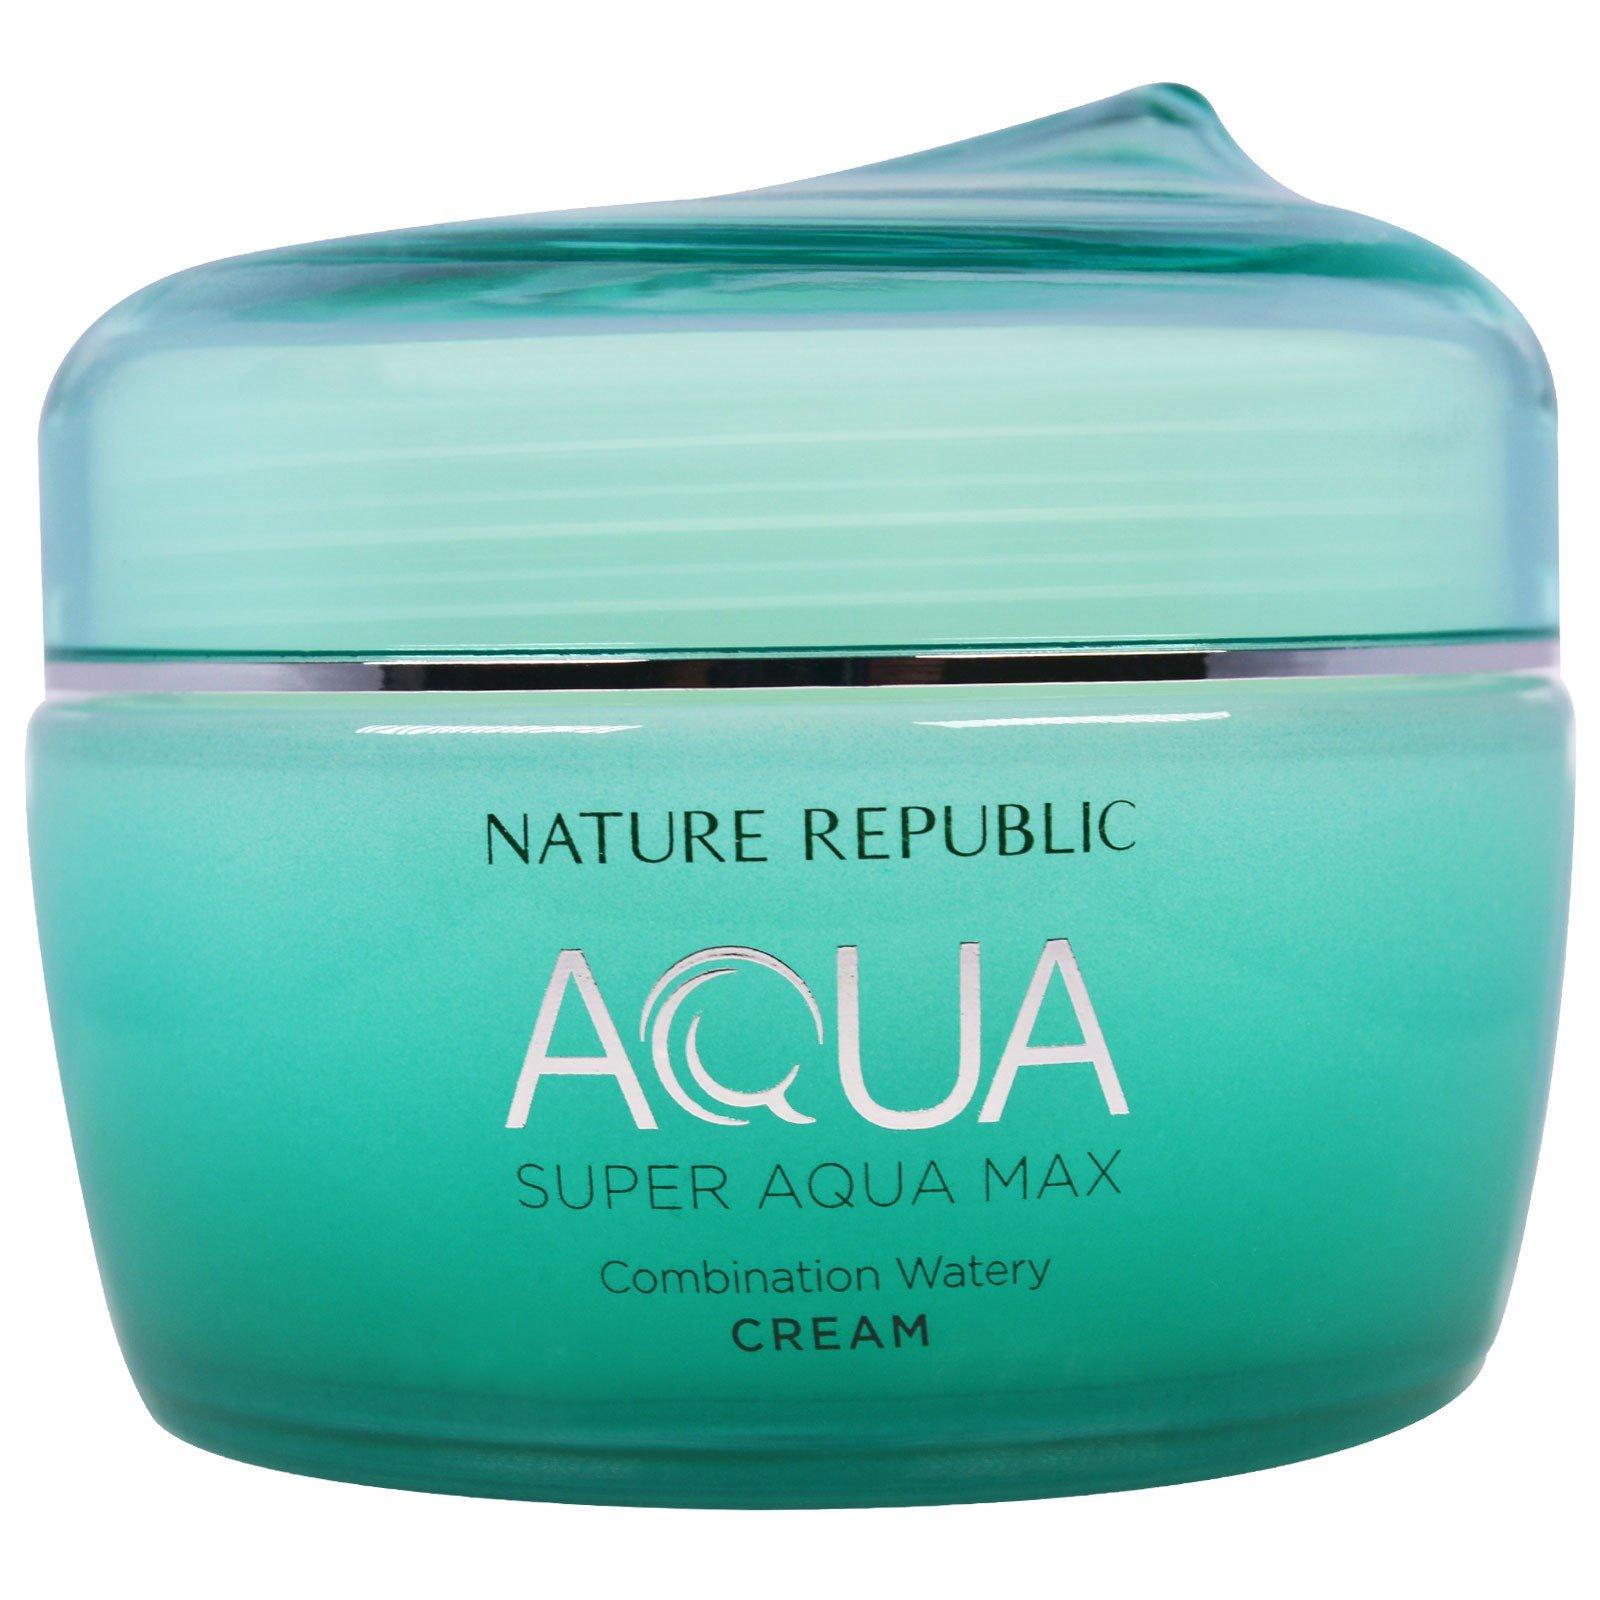 Nature Republic, Aqua, Super Aqua Max, Combination Watery Cream, 2.70 fl oz